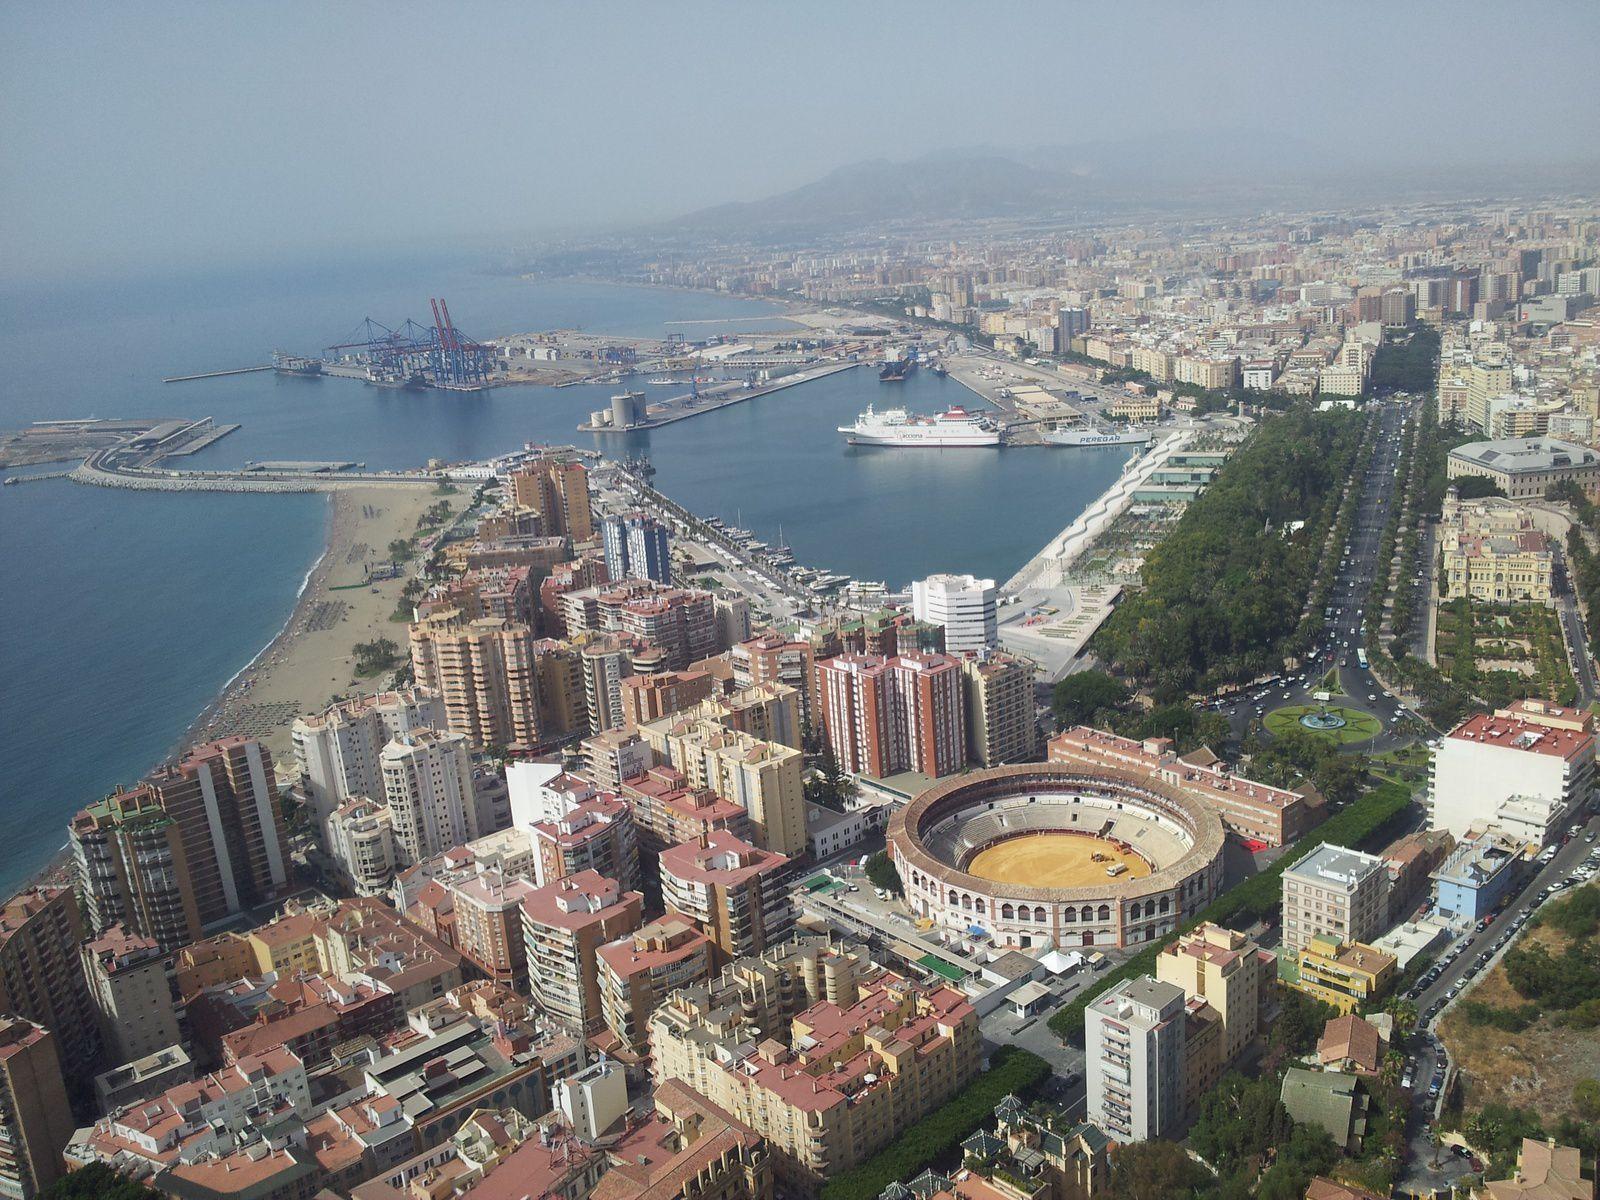 Malaga vue du ciel, Place de la Merced // Les Arènes, le nouveau port, la Mairie (photos personnelles, 2012)